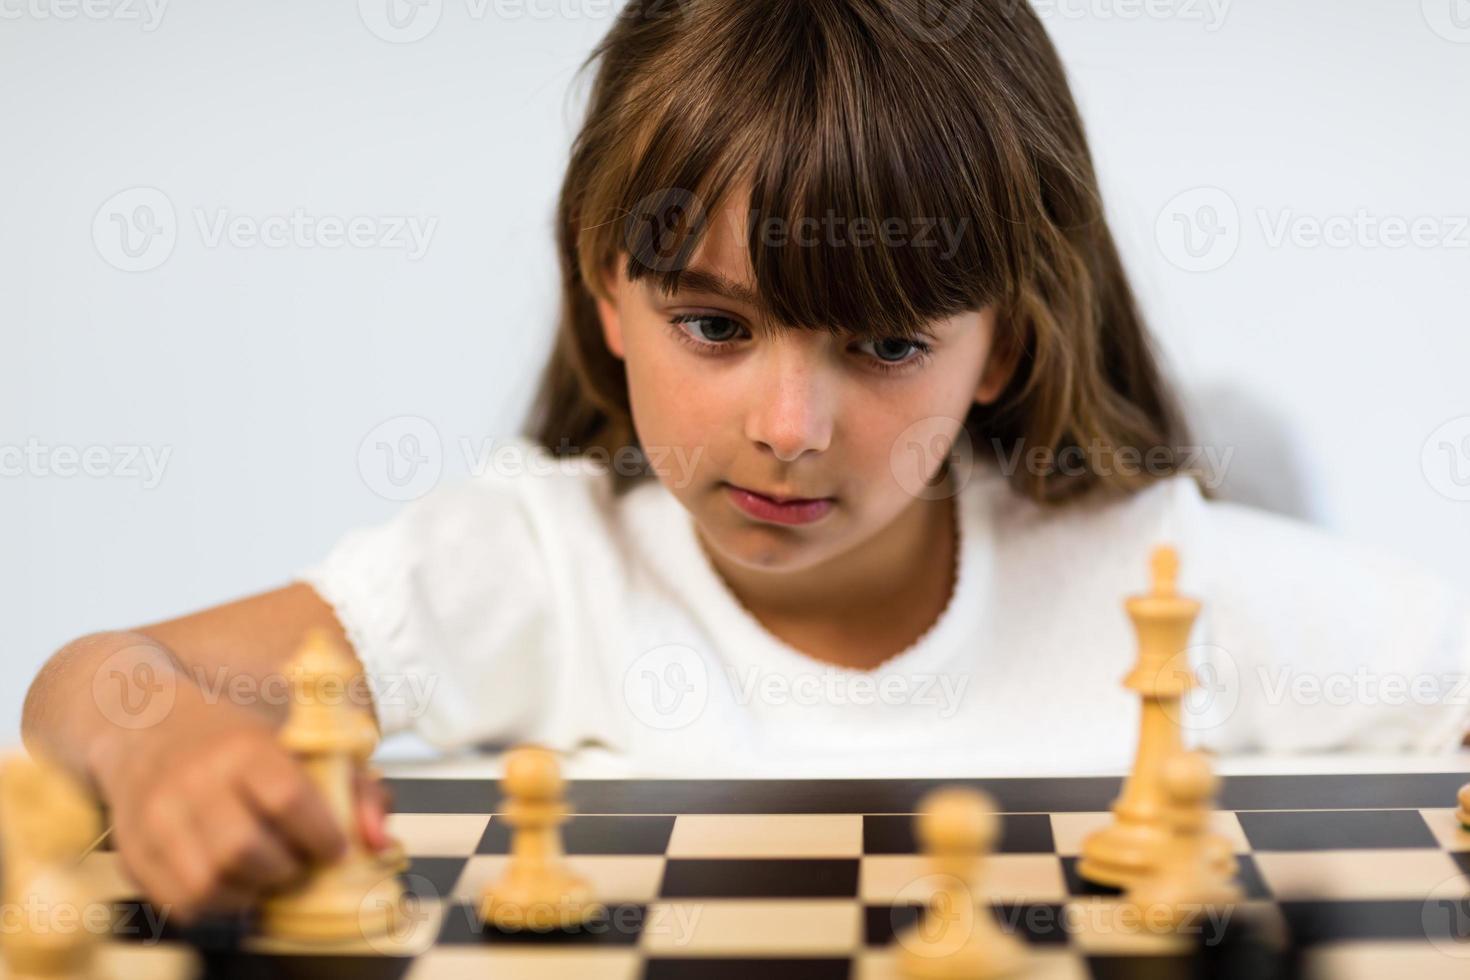 ragazza che gioca a scacchi foto